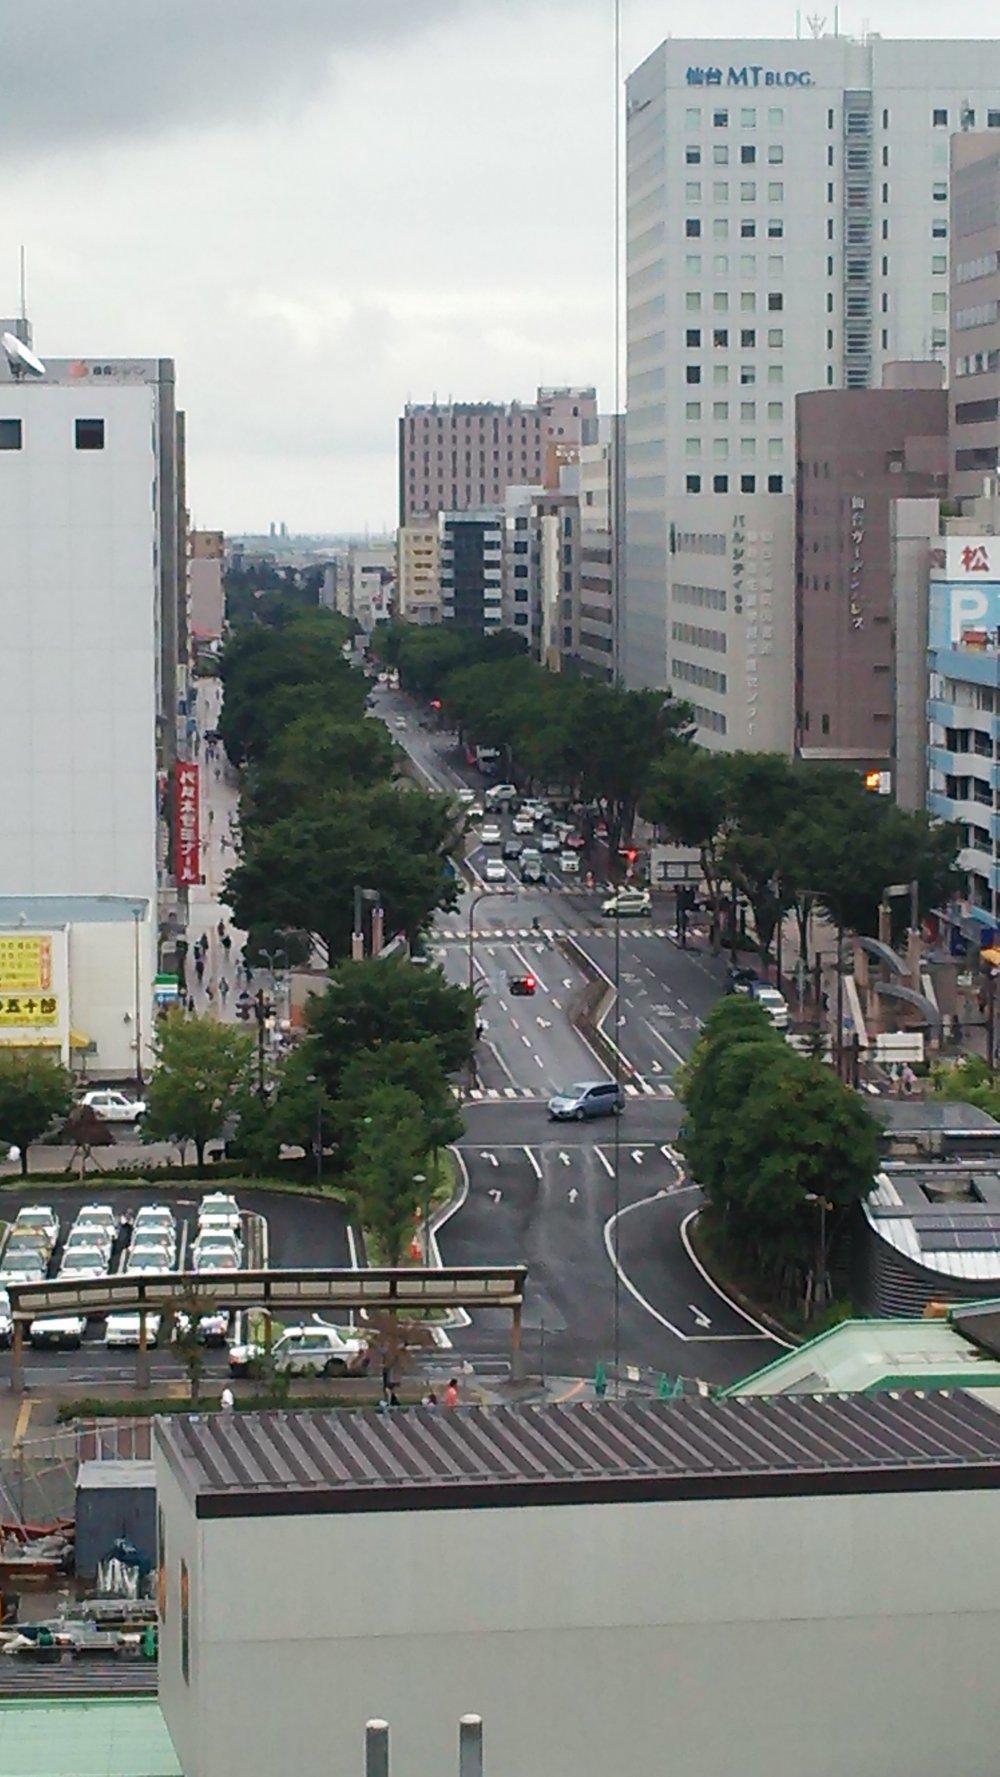 仙台駅東口から楽天ゴールデンイーグルスのホースタジアムへ続く宮城野通り、別名イーグルロード。